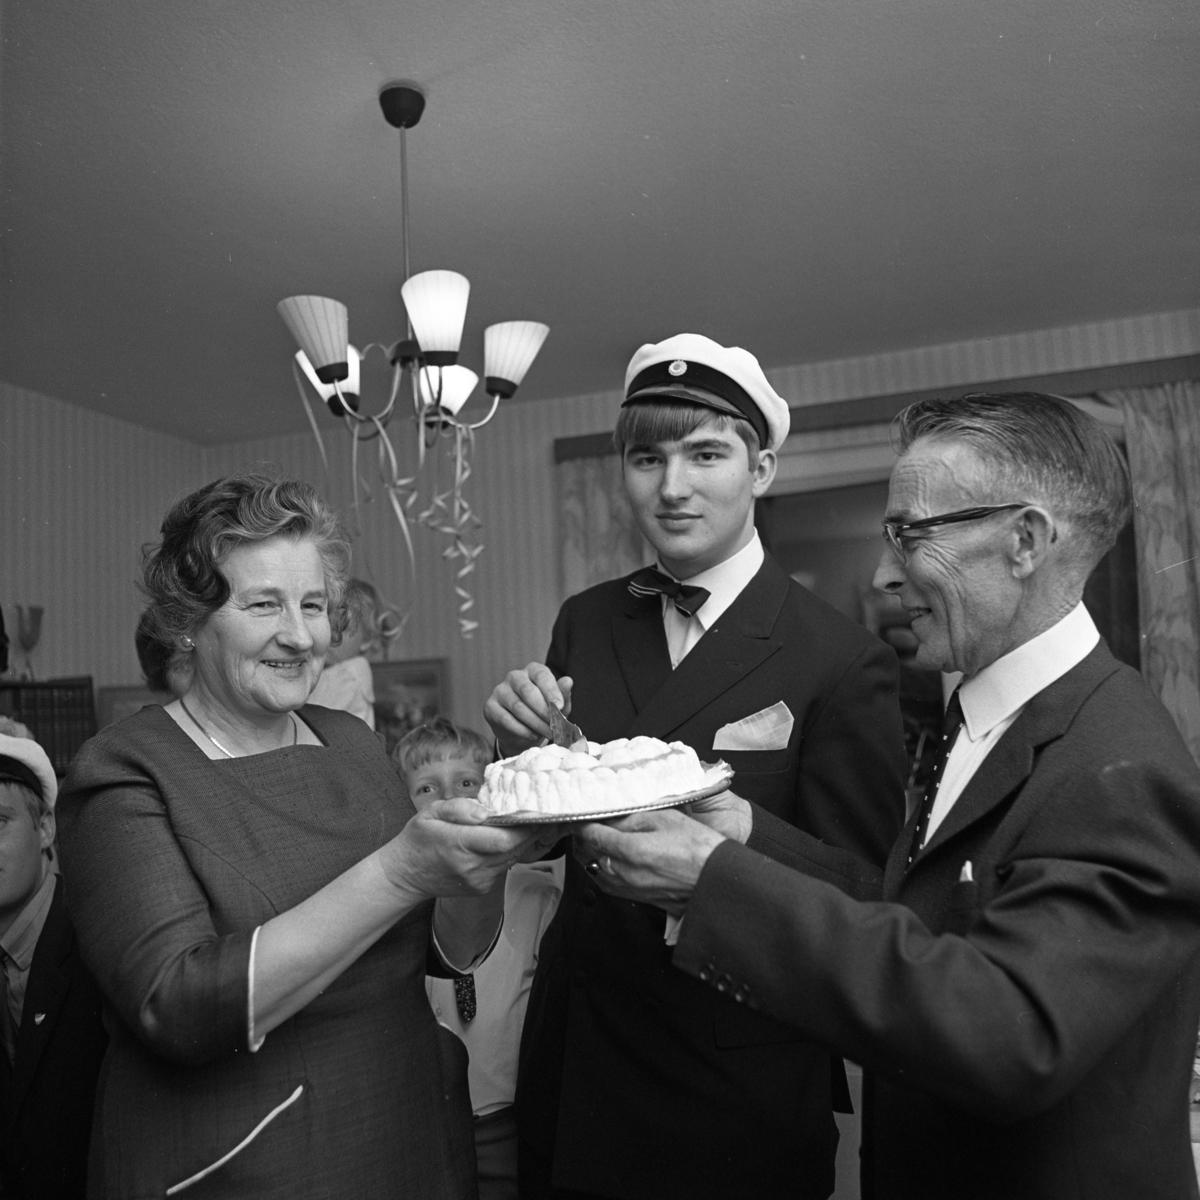 """Lars-Göran Rådström har klarat studentexamen (han ingick i den sista """"kullen"""" som hade muntliga förhör). Mamma Karin och pappa Egon håller i tårtan."""